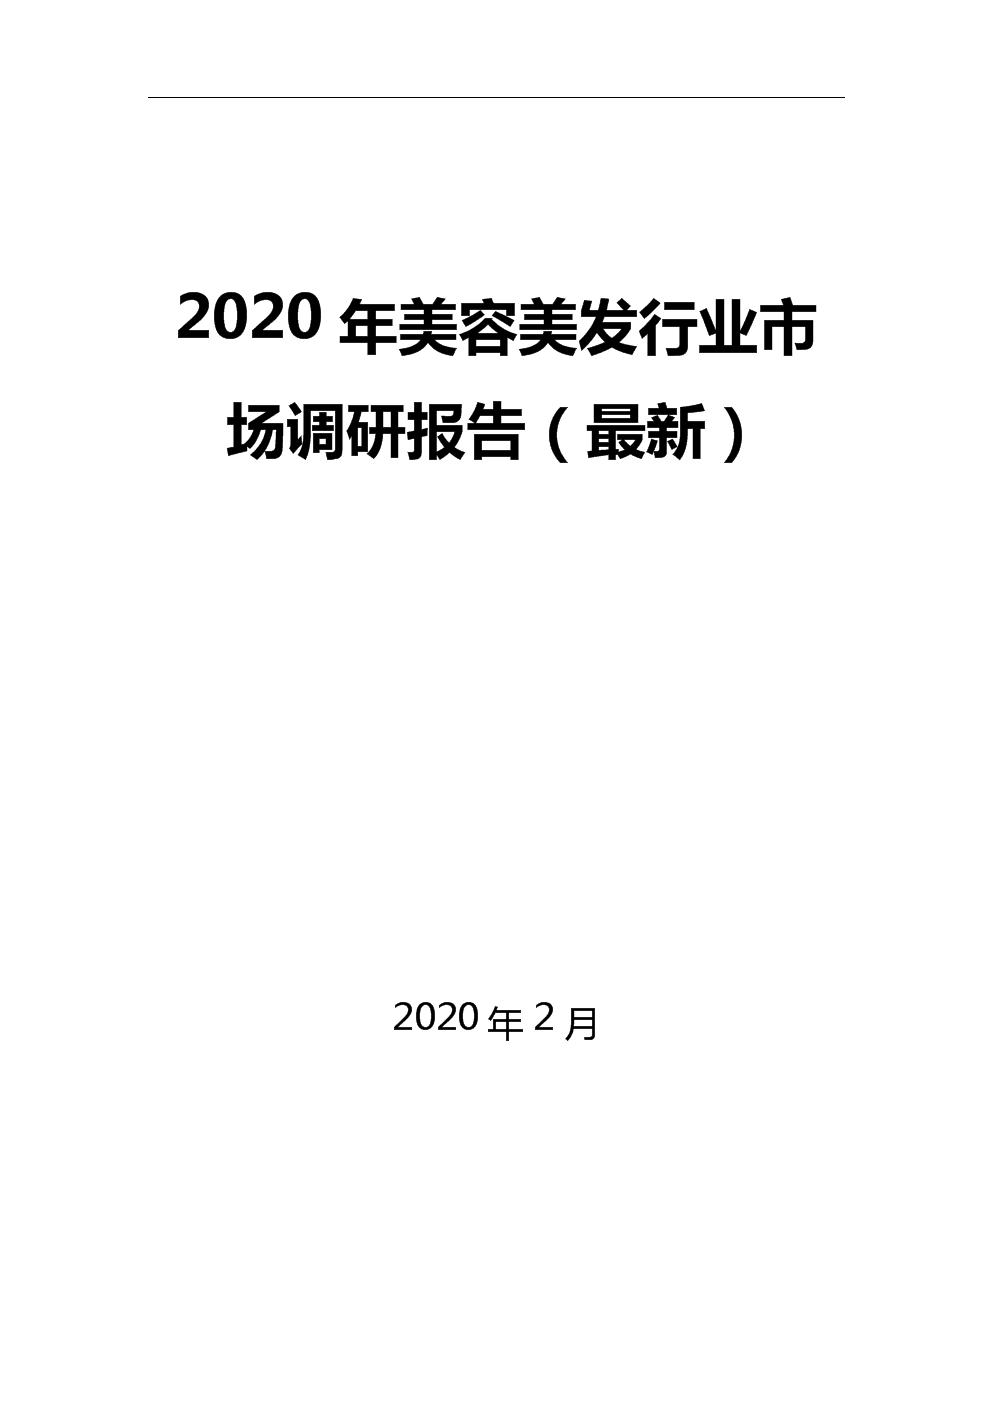 2020年美容美发行业市场调研报告(最新).docx